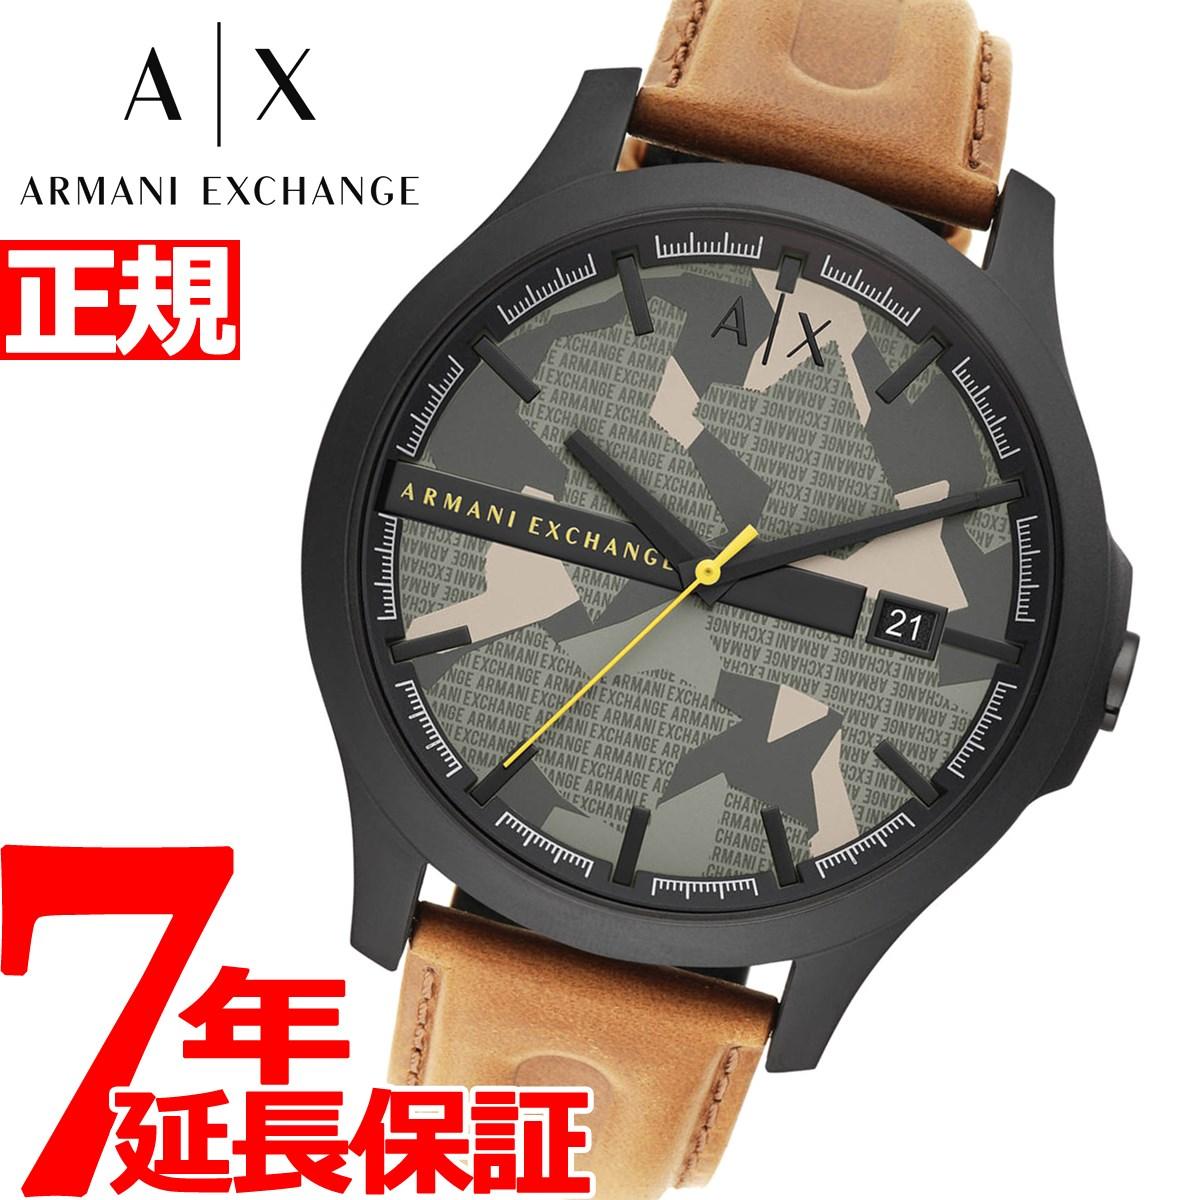 【5日0時~♪10%OFFクーポン&店内ポイント最大51倍!5日23時59分まで】A|X アルマーニ エクスチェンジ ARMANI EXCHANGE 腕時計 メンズ ハンプトン HAMPTON AX2412【2020 新作】